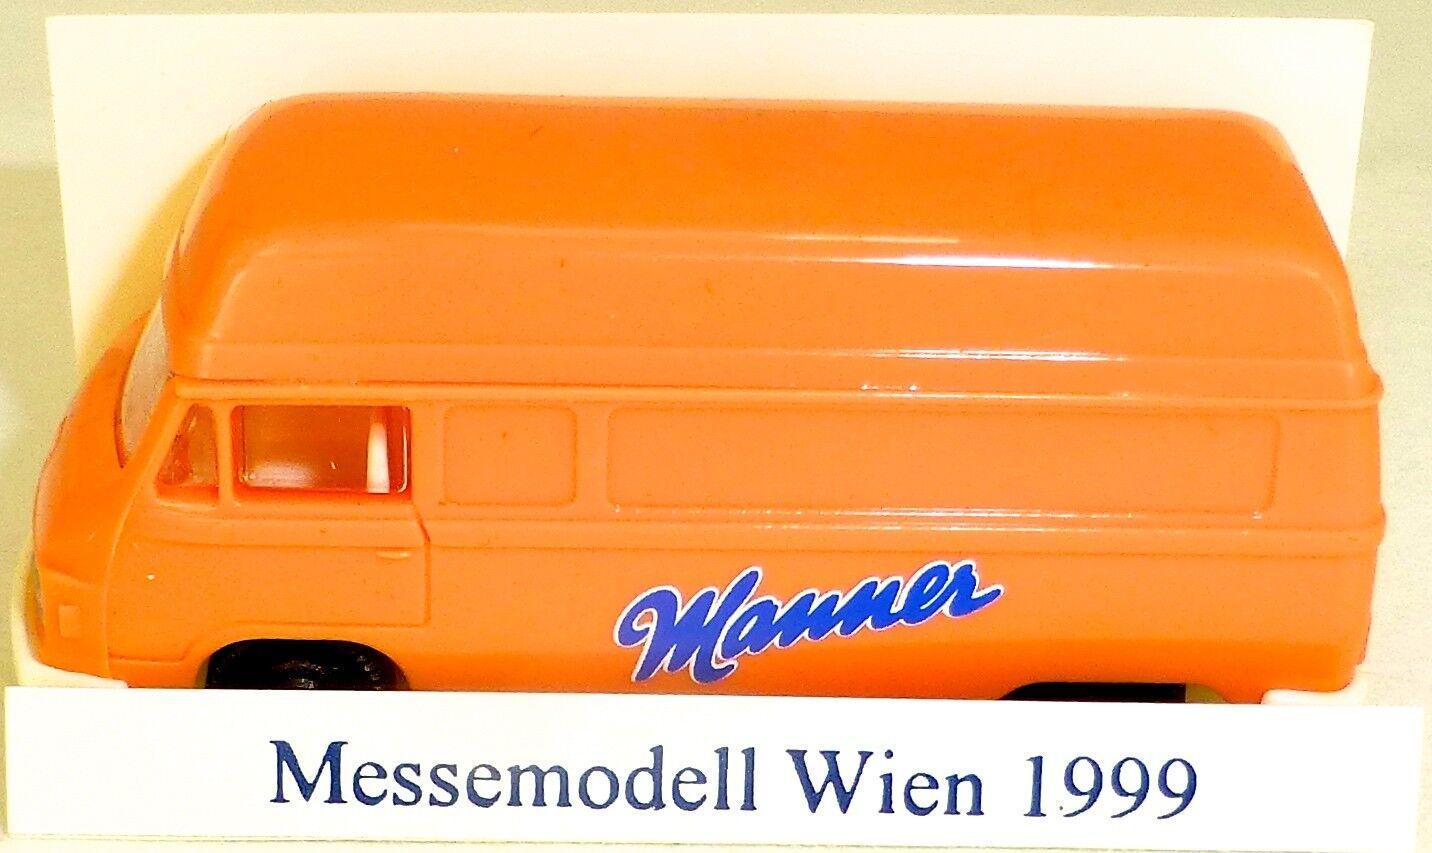 Manner adgreenising vehicle worldwide vienna International Fair 1999